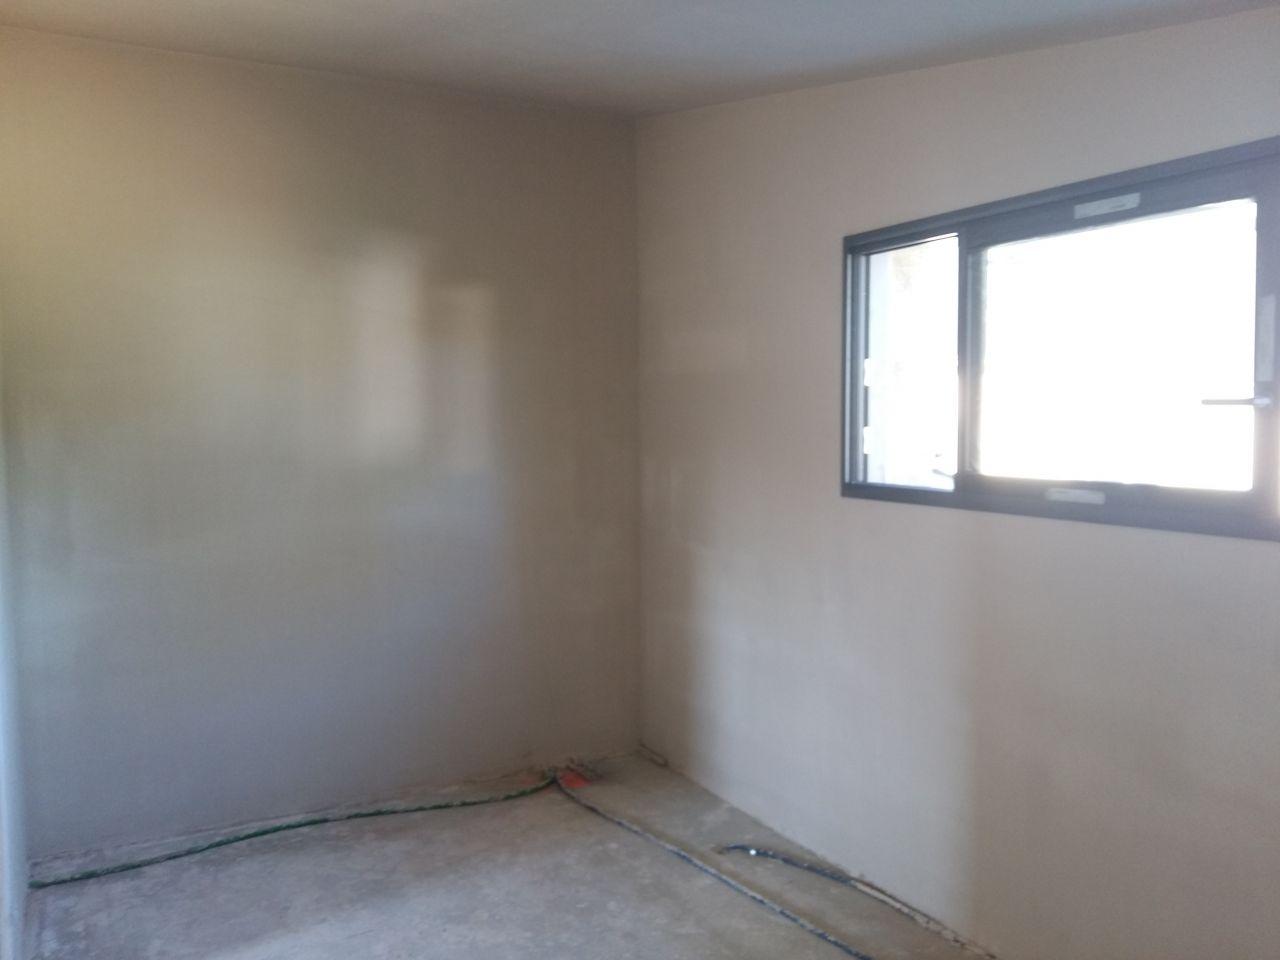 plâtres bureau étage